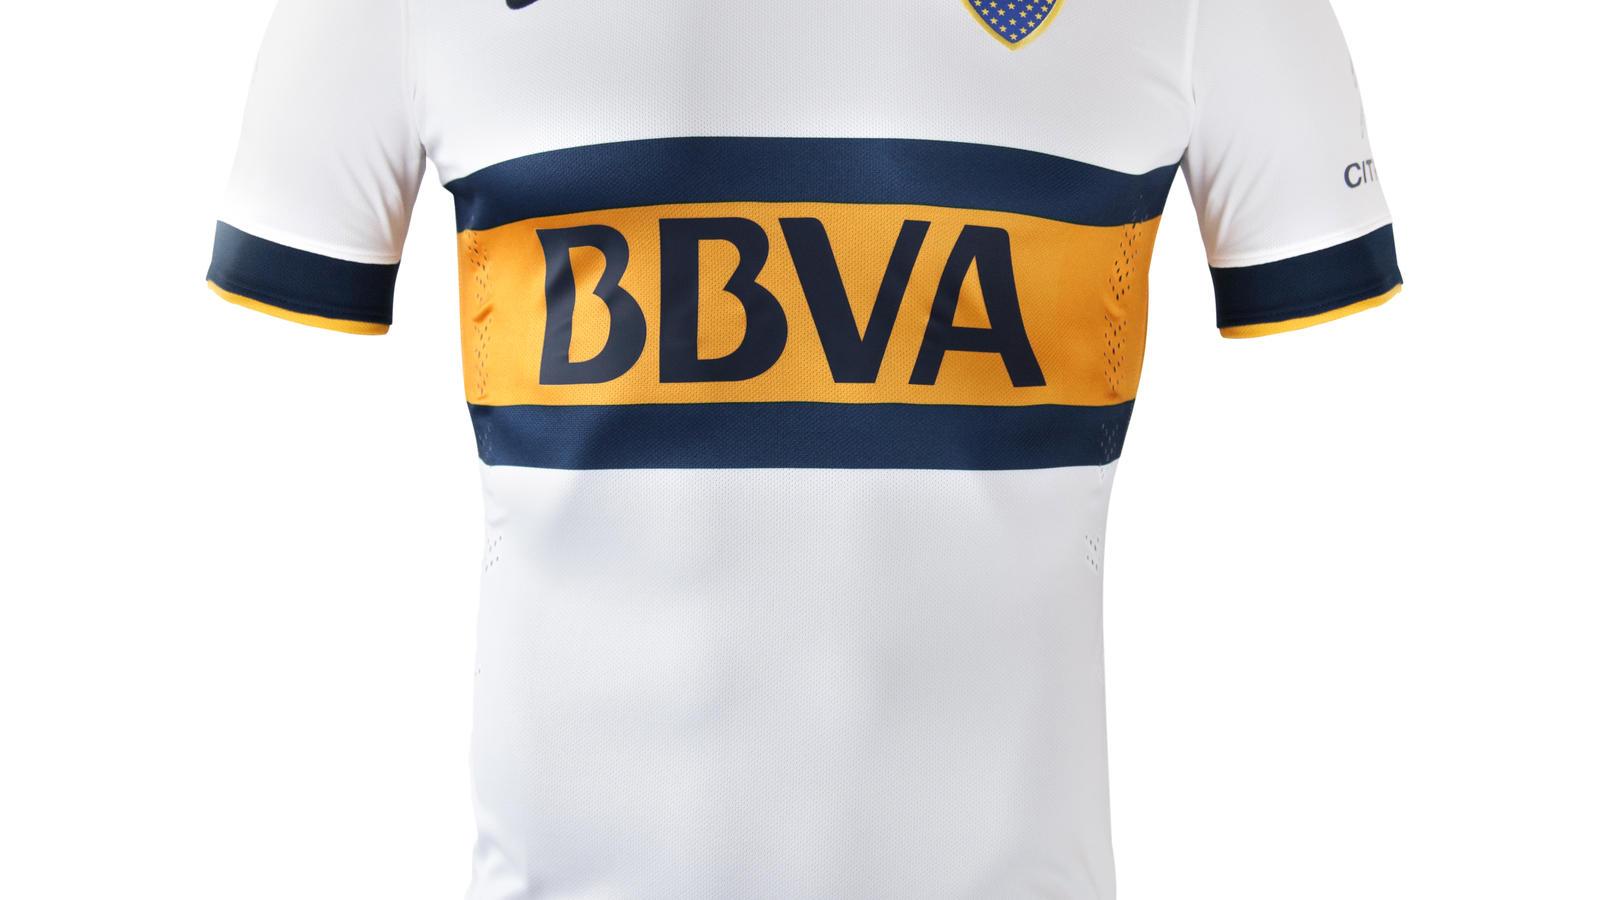 Nike Presenta la Indumentaria que Boca Juniors Vestirá en el